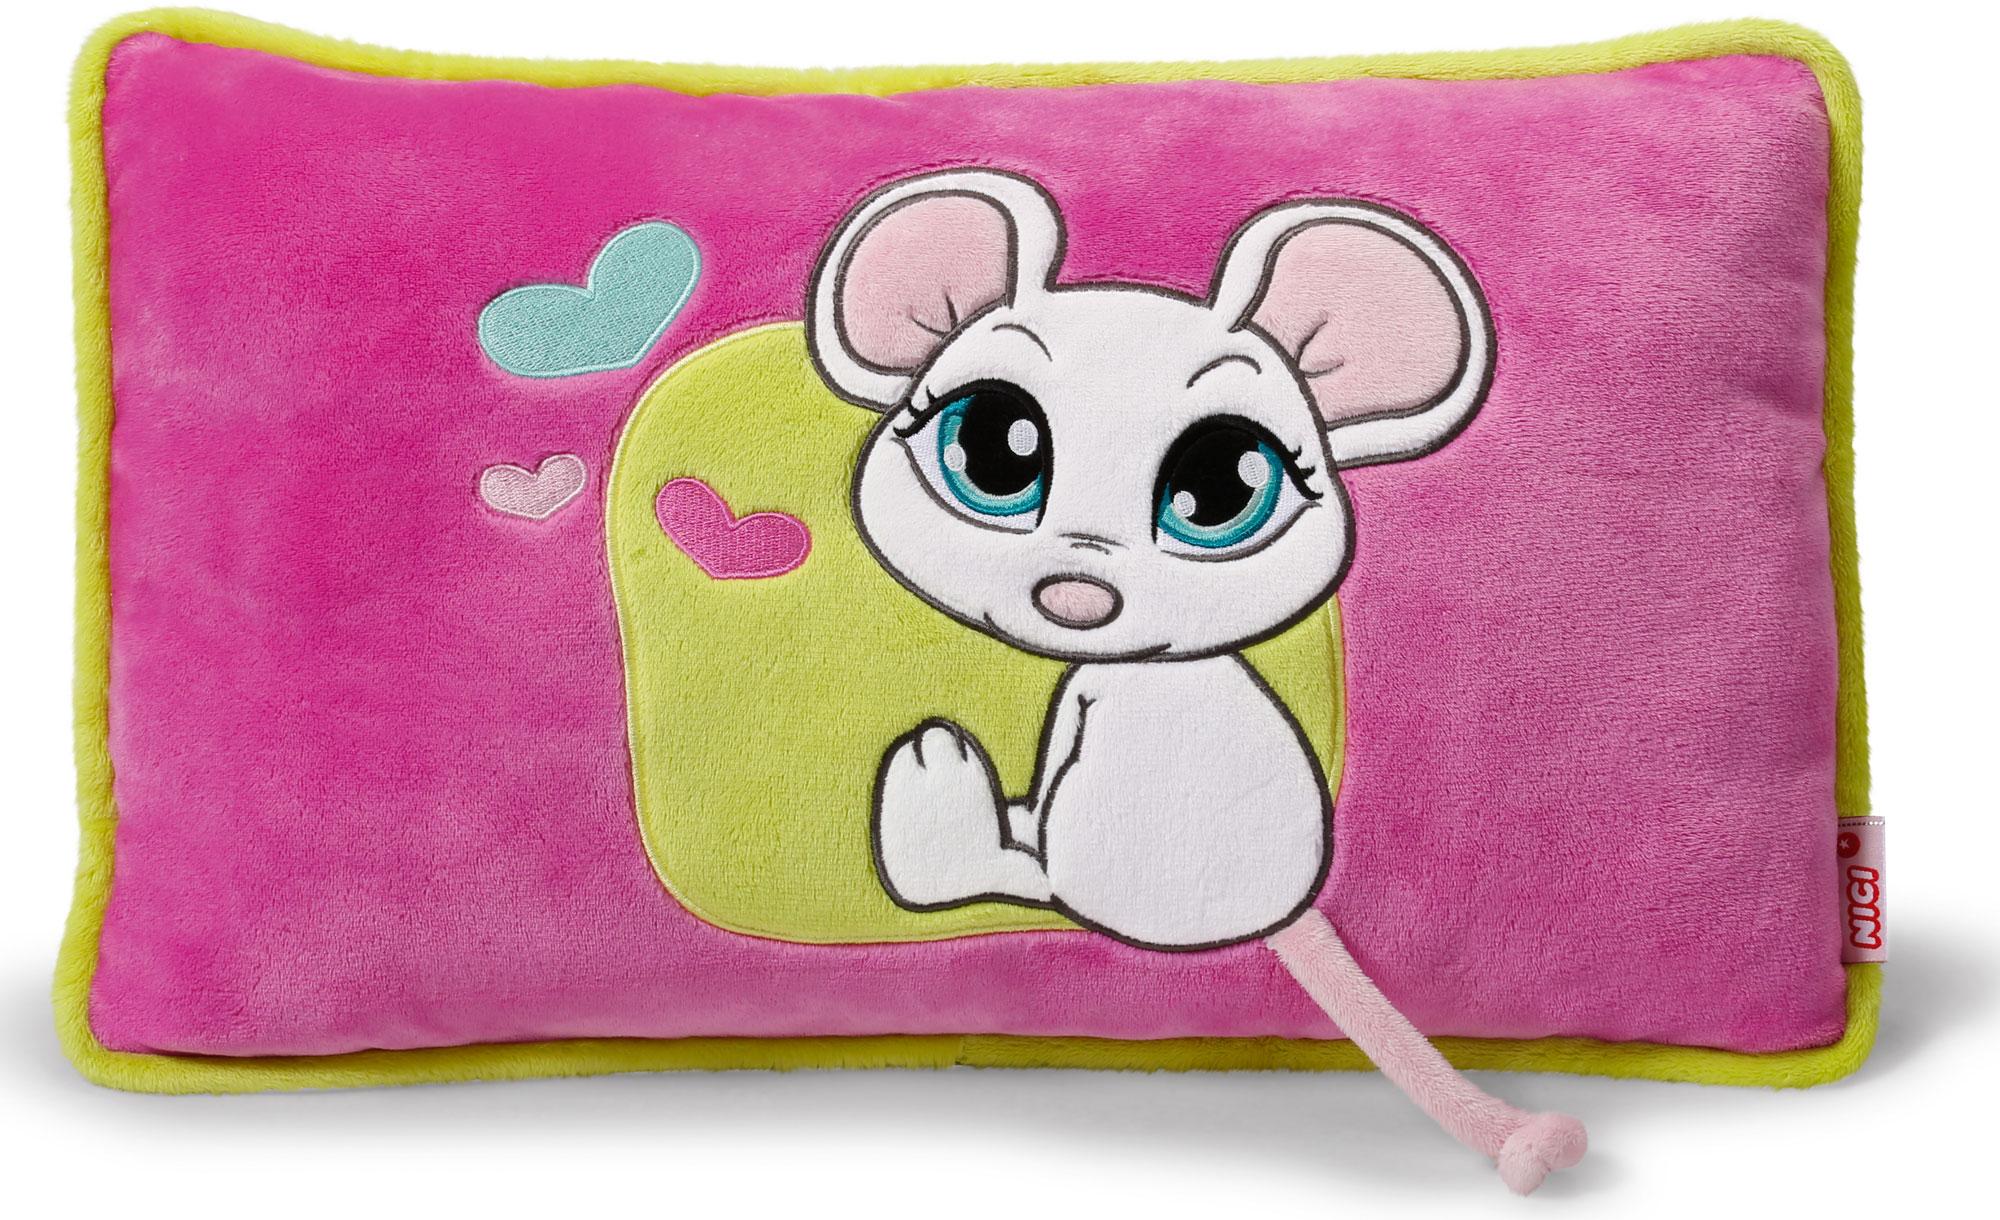 Nici Подушка Мышка белая 43 х 25 см37779Мягкая подушка Nici Мышка белая не оставит равнодушным вашего ребенка.Мягкая и приятная на ощупь подушка прямоугольной формы выполнена из полиэстера с мягкой набивкой и оформлена вышитой аппликацией в виде симпатичной белой мышки. Подушка удивительно приятна на ощупь. Необычайно мягкая, она принесет радость и подарит своему обладателю мгновения нежных объятий и приятных воспоминаний.Такая подушка станет отличным аксессуаром для детской комнаты.